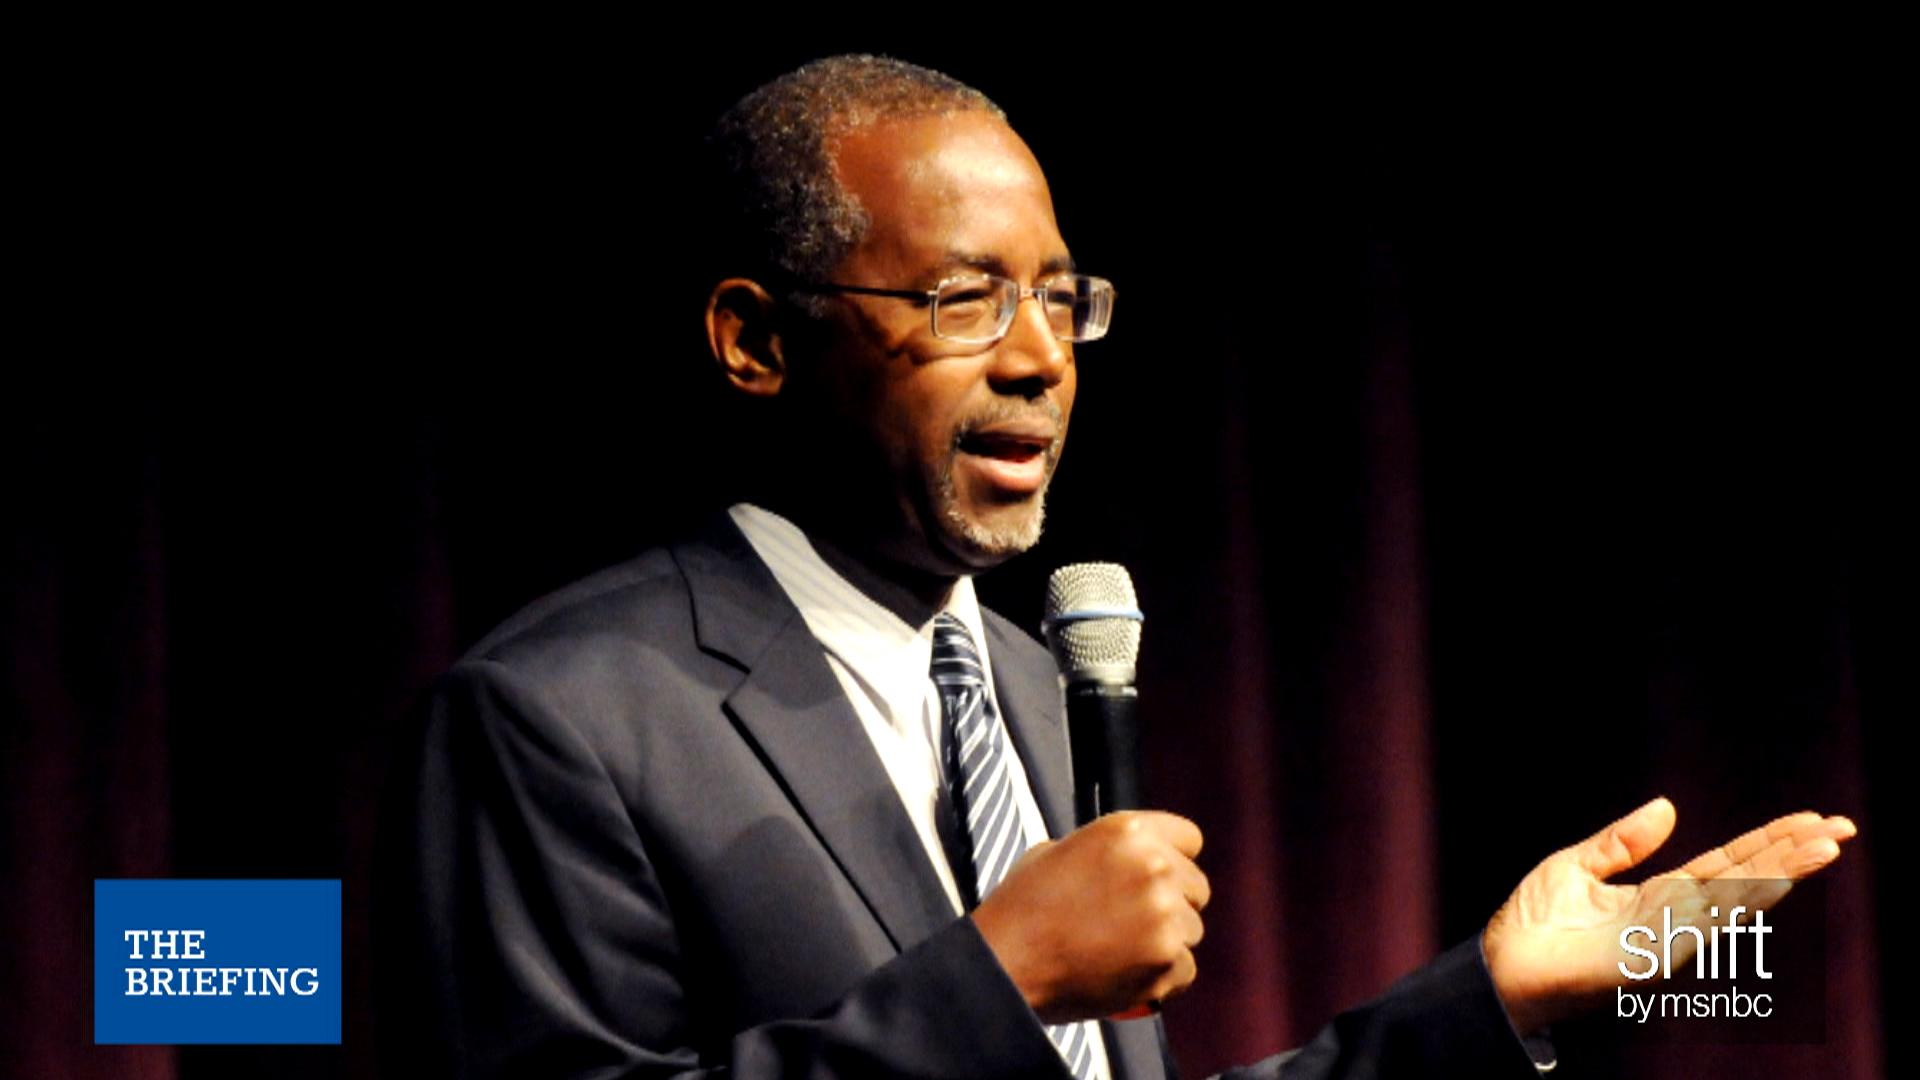 Will Carson's views alienate voters?